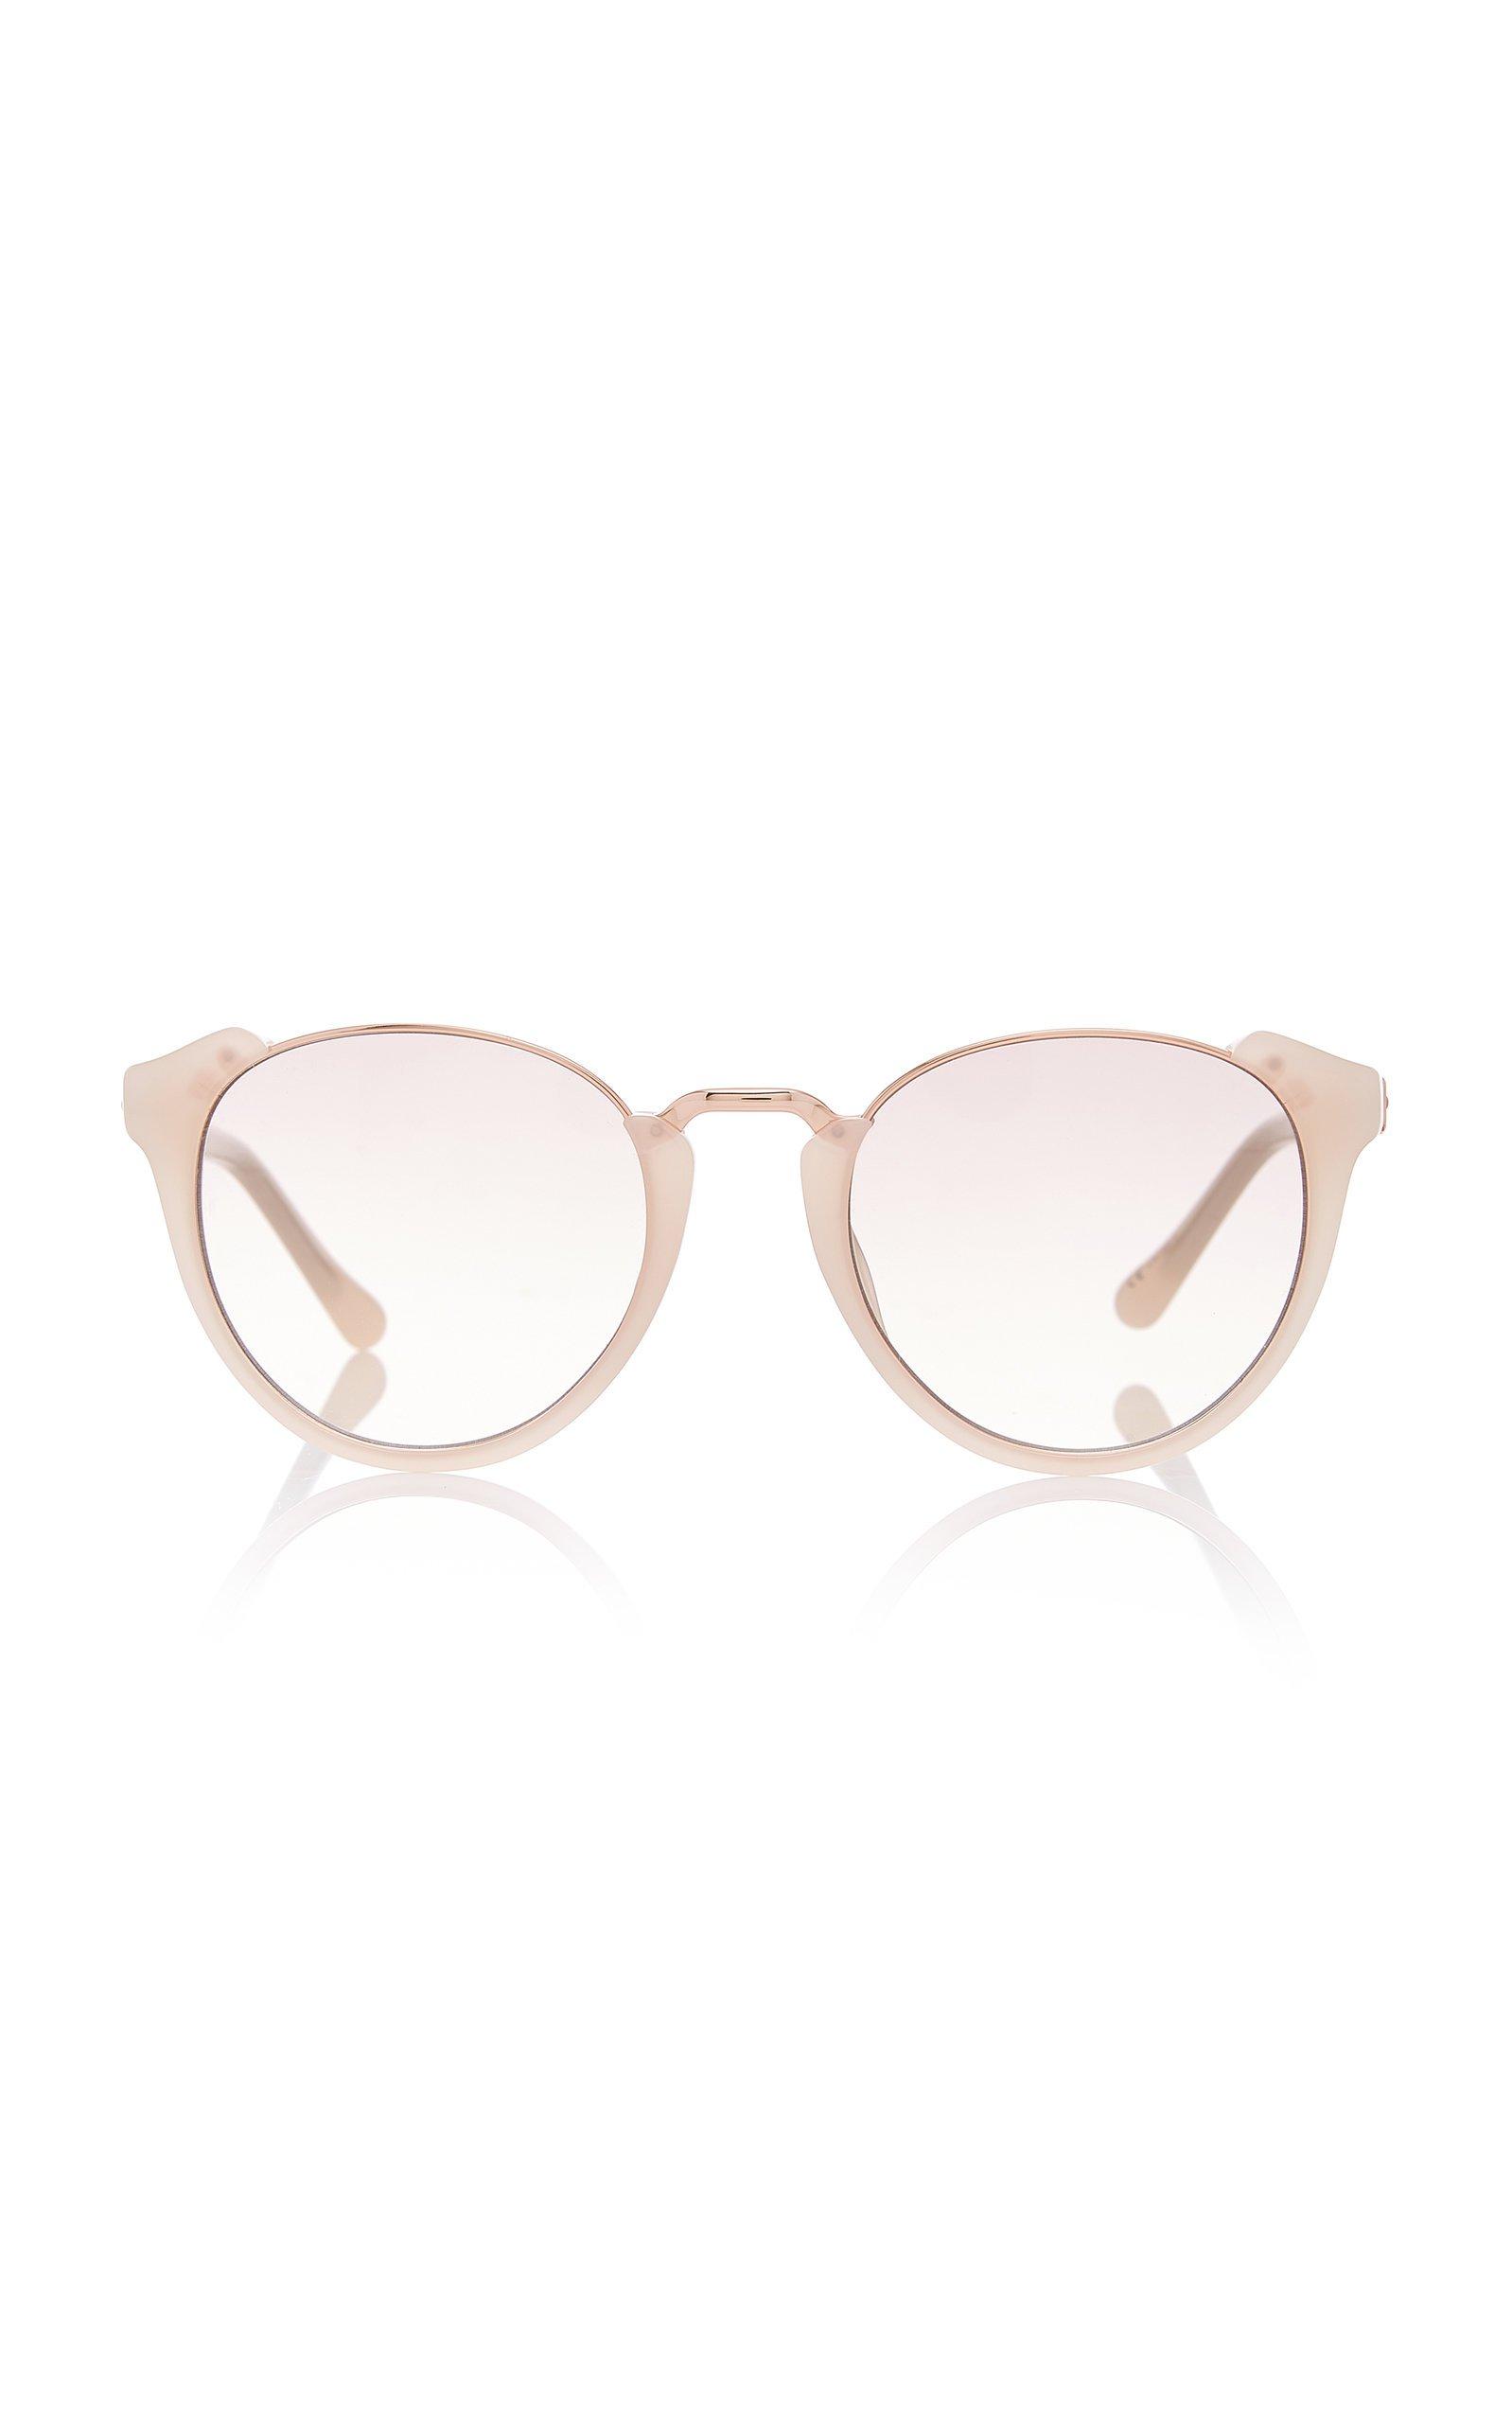 Linda Farrow Titanium Acetate Sunglasses